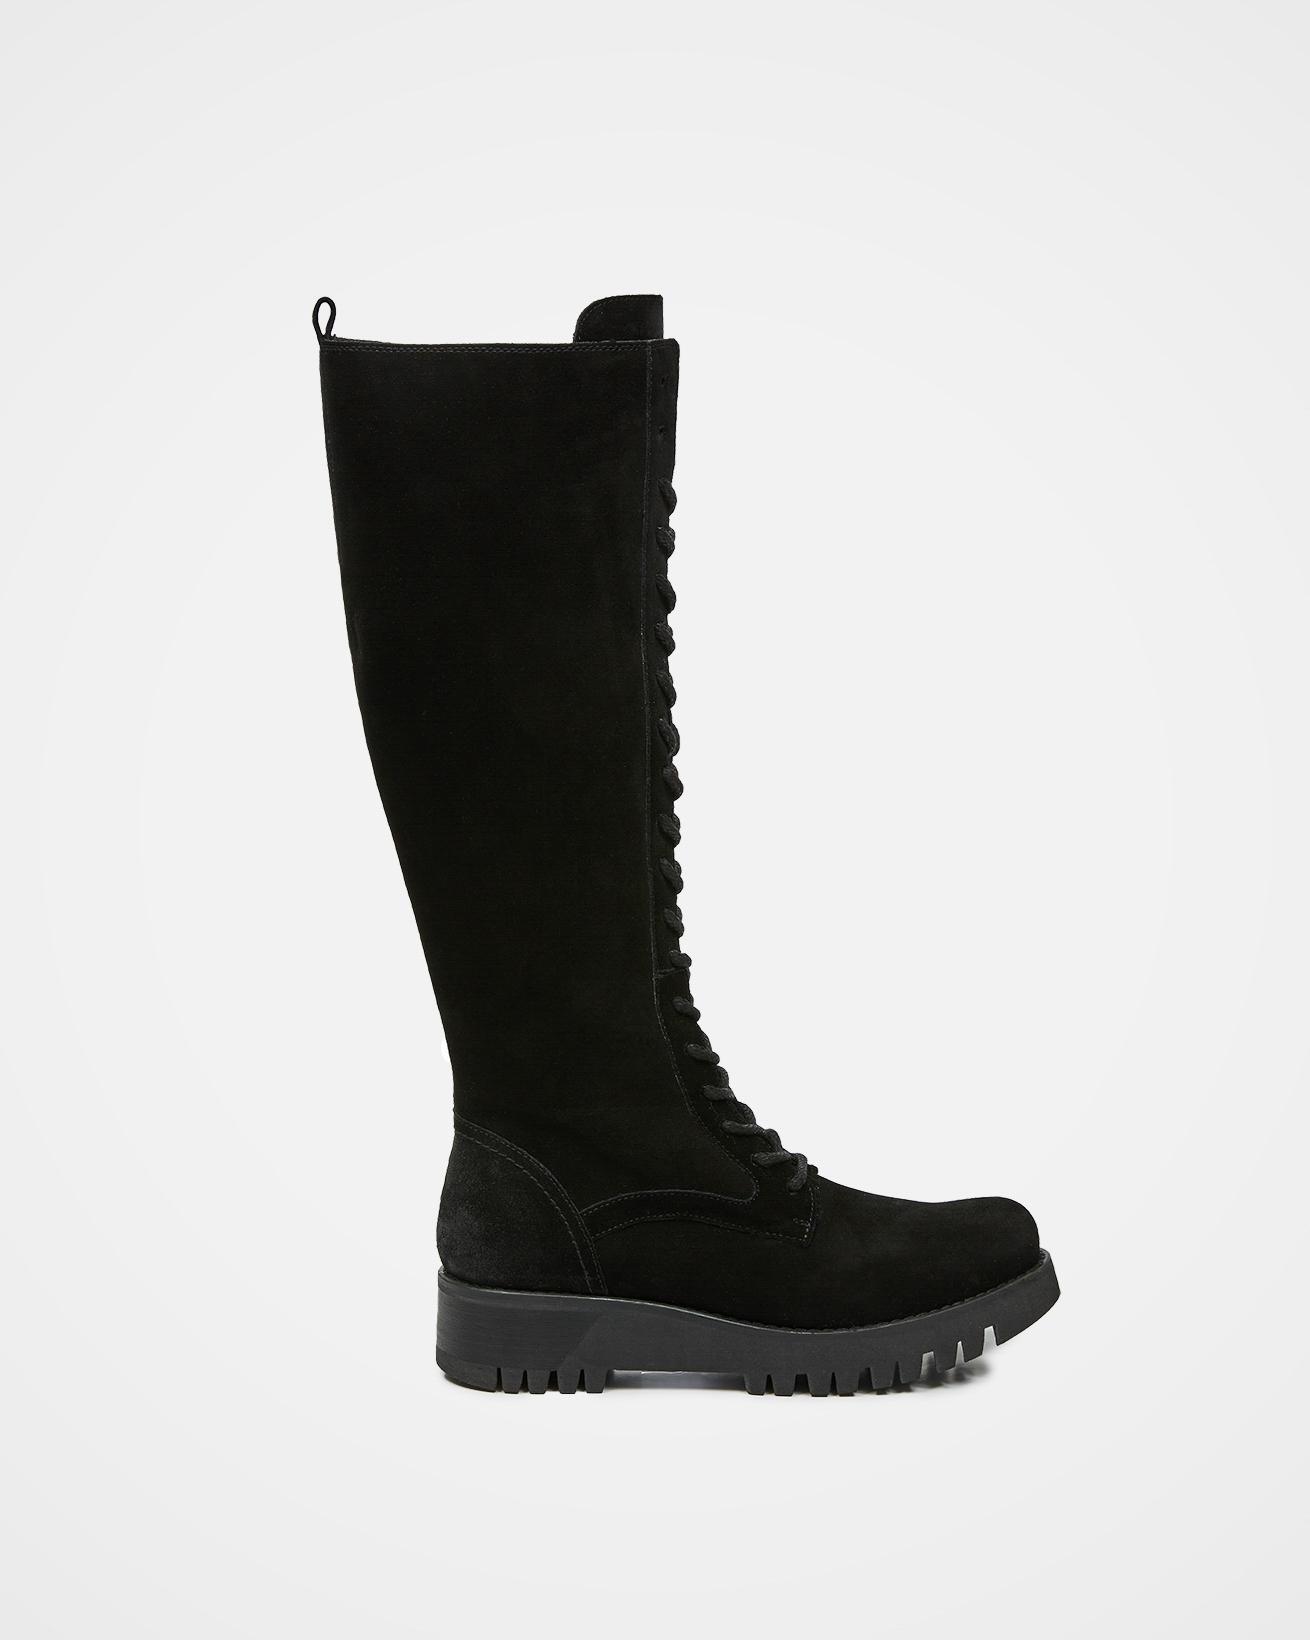 Wilderness Knee High Boots